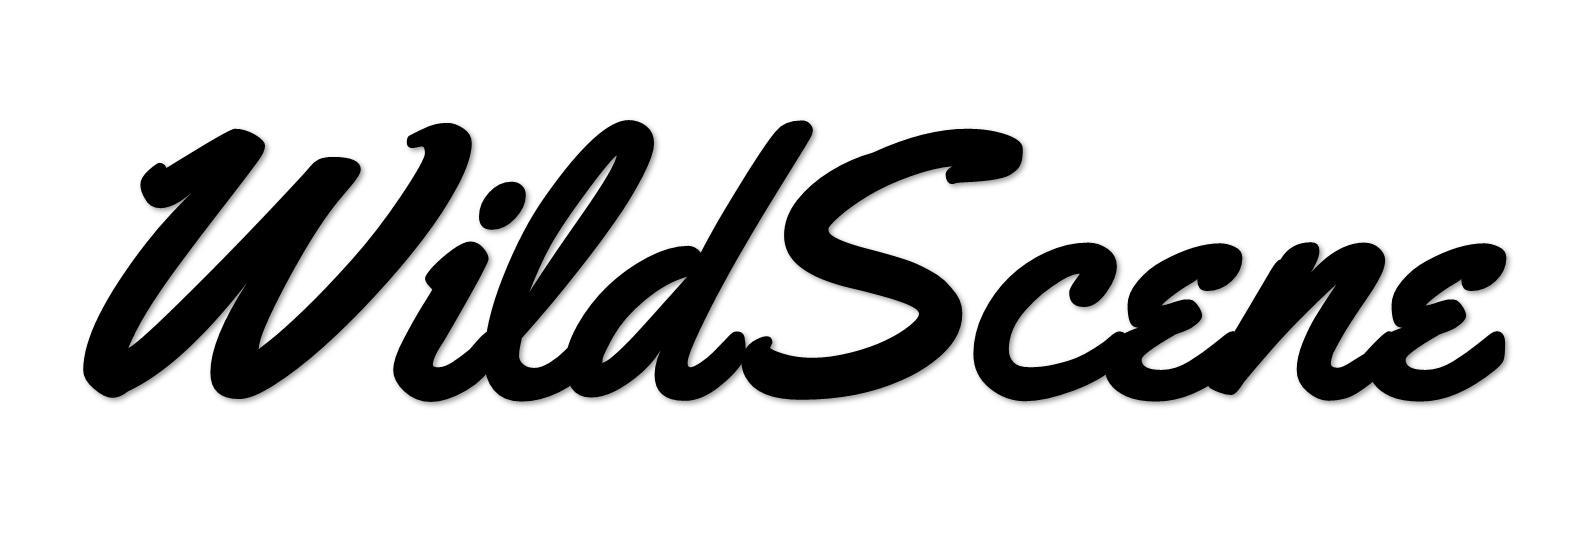 Wild Scene|Wild Scene公式オンラインショップ Wild Sceneではオリジナルのメタルジグ「Wild Scene(ワイルドシーン)」をはじめ、当店こだわりのソルトルアーを多数取り扱っております!ルアーロストやキャストミス・根がかりが気になり狙えなかったポイントも大胆に攻め大物狙いを可能に!週末アングラーのお財布に優しいコストパフォーマンスでご提供しております!